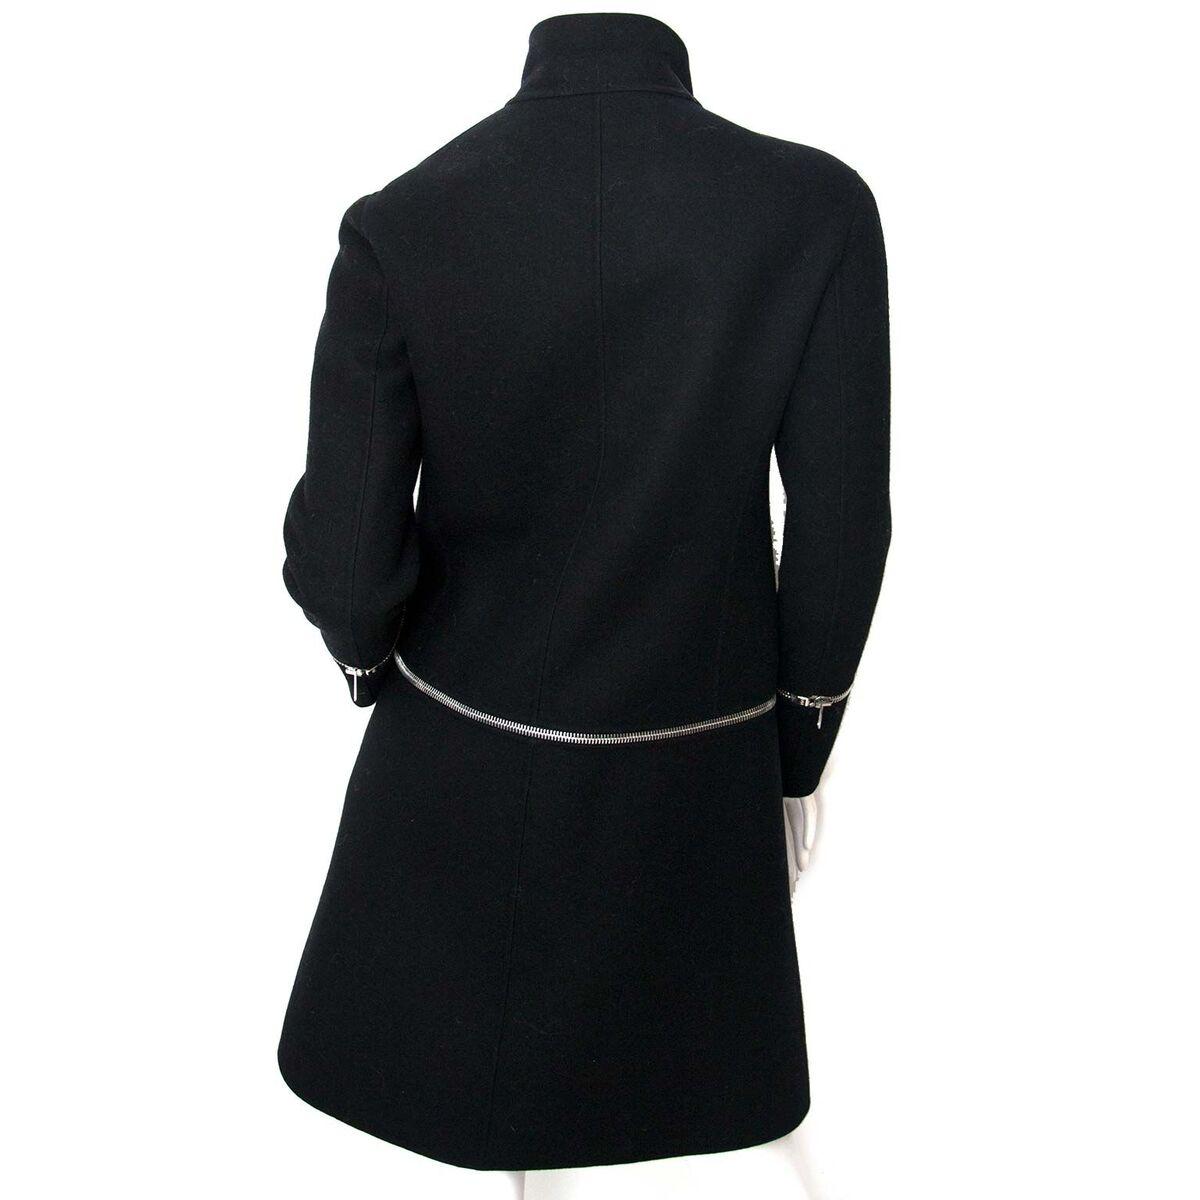 Koop authentieke tweedehands Céline zwarte Zipper jas aan een eerlijke prijs bij LabelLOV. Veilig online shoppen.